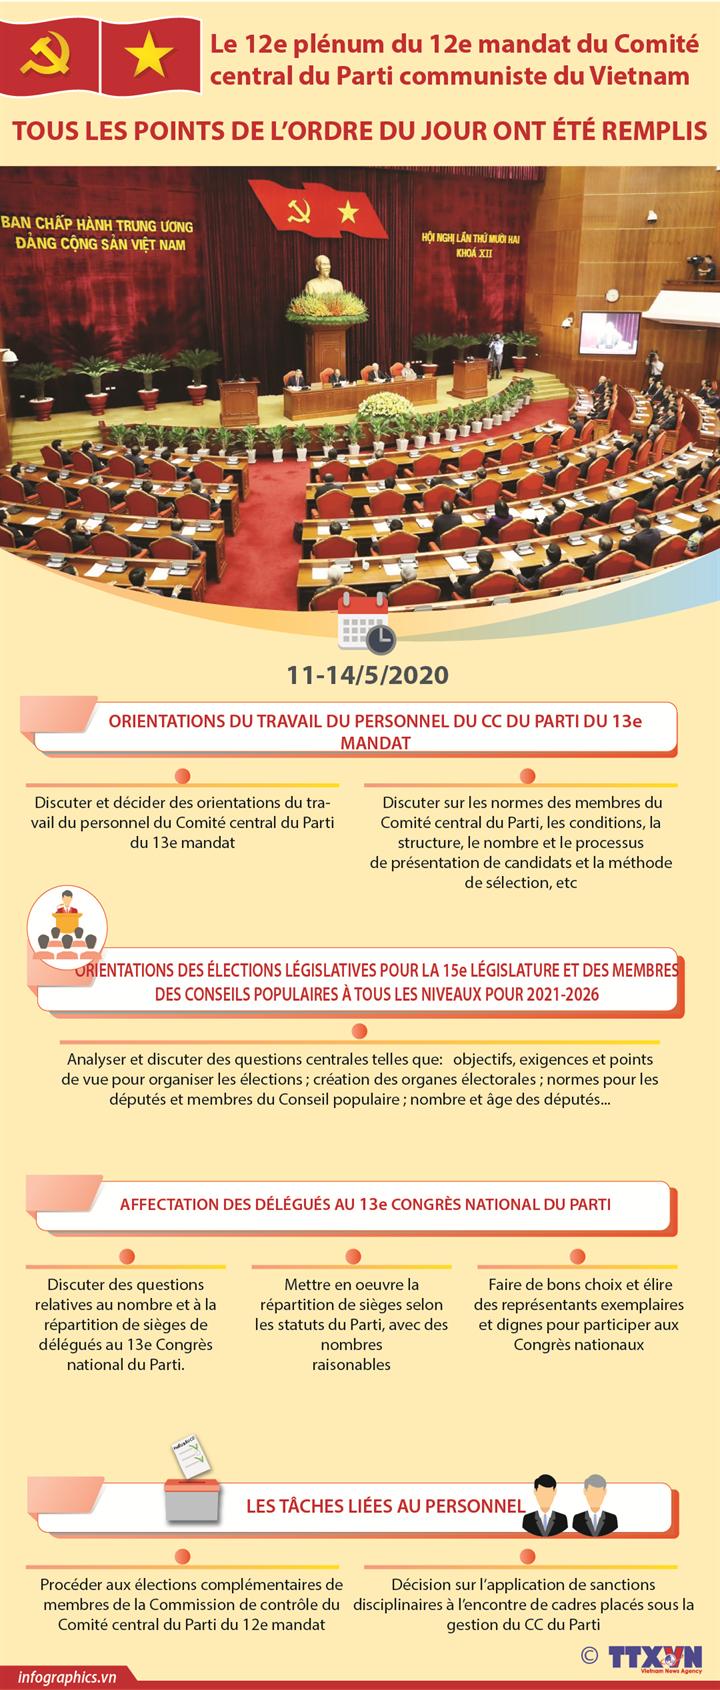 Le 12e plénum du 12e mandat du Comité central du Parti communiste du Vietnam